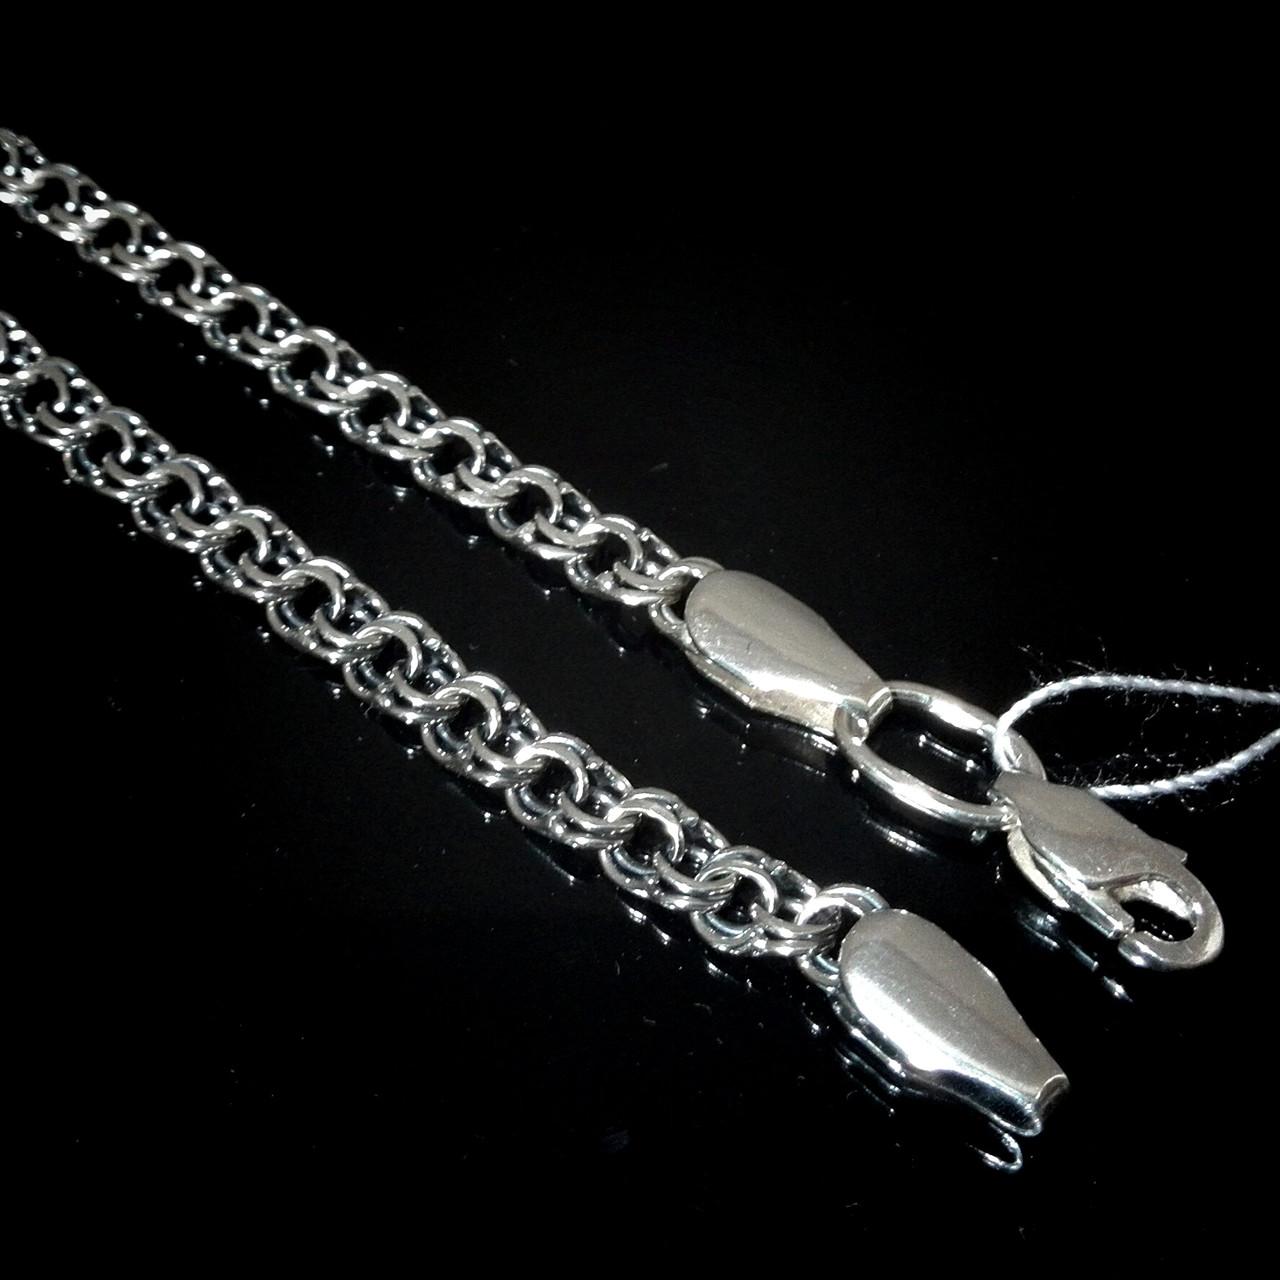 Срібна ланцюжок, 600мм, 20 грам, плетіння Бісмарк, чорніння